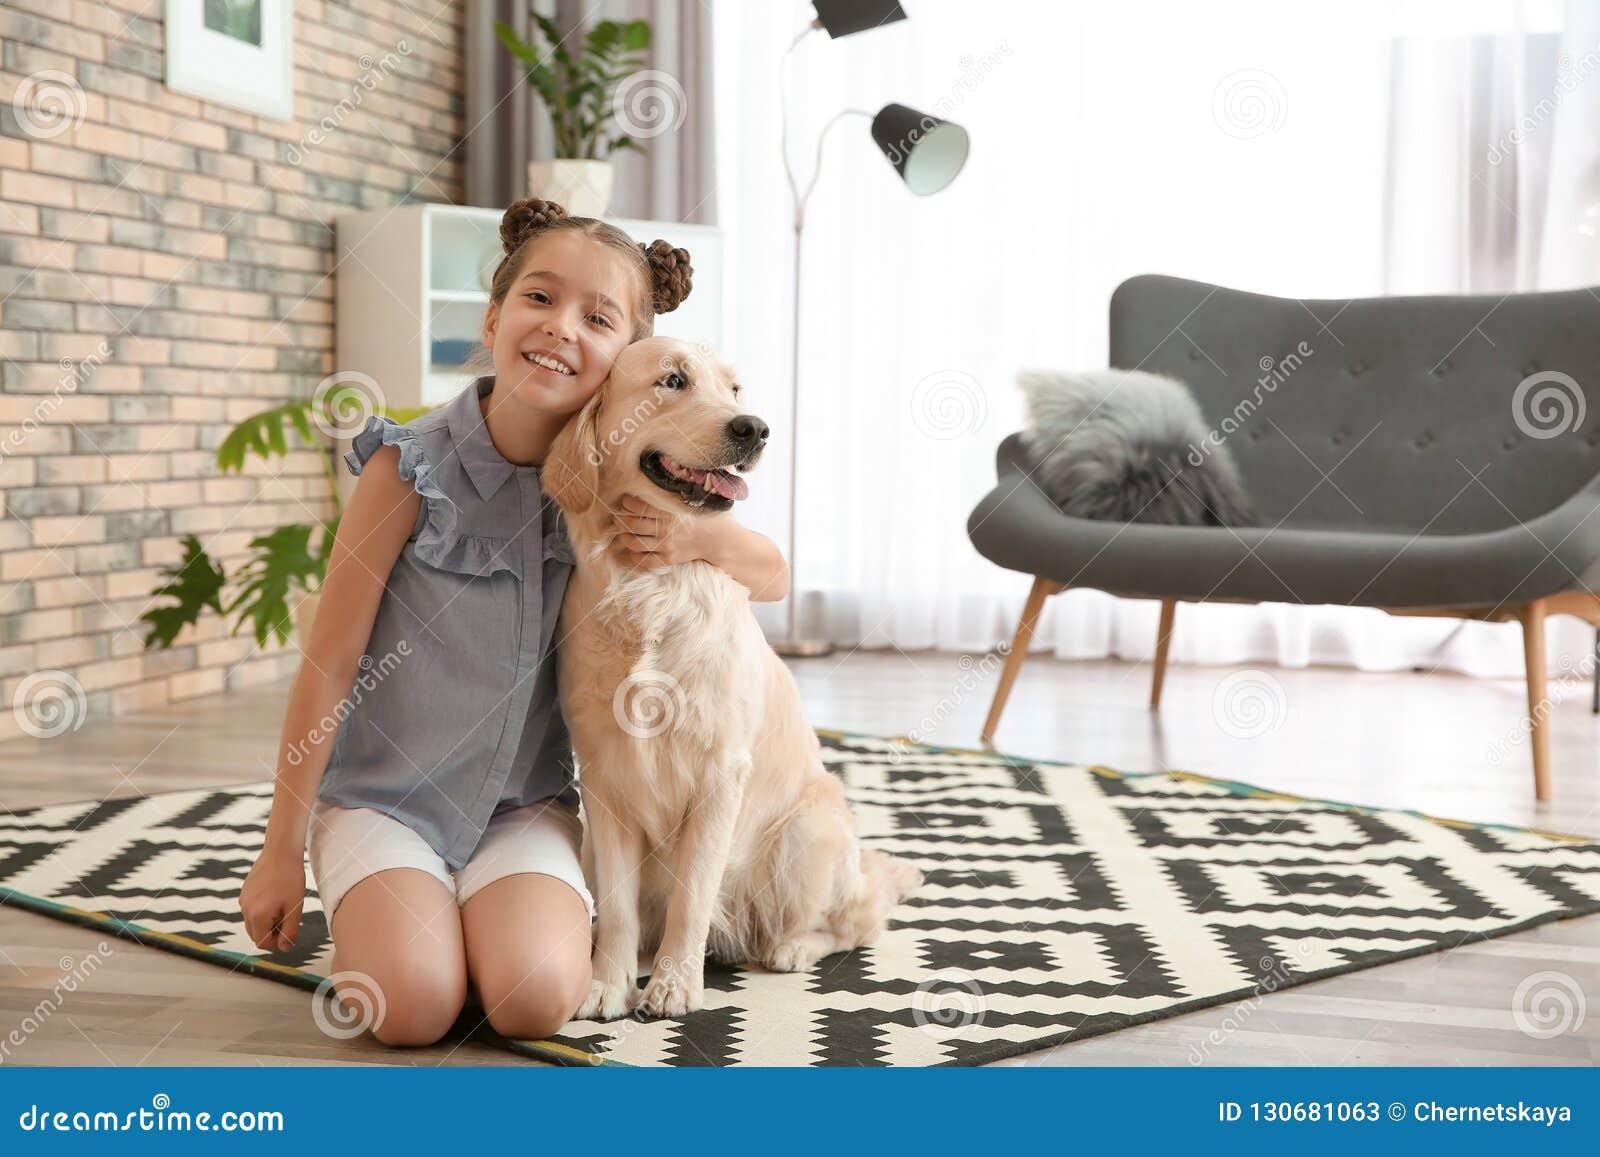 Leuk weinig kind met haar huisdier op vloer